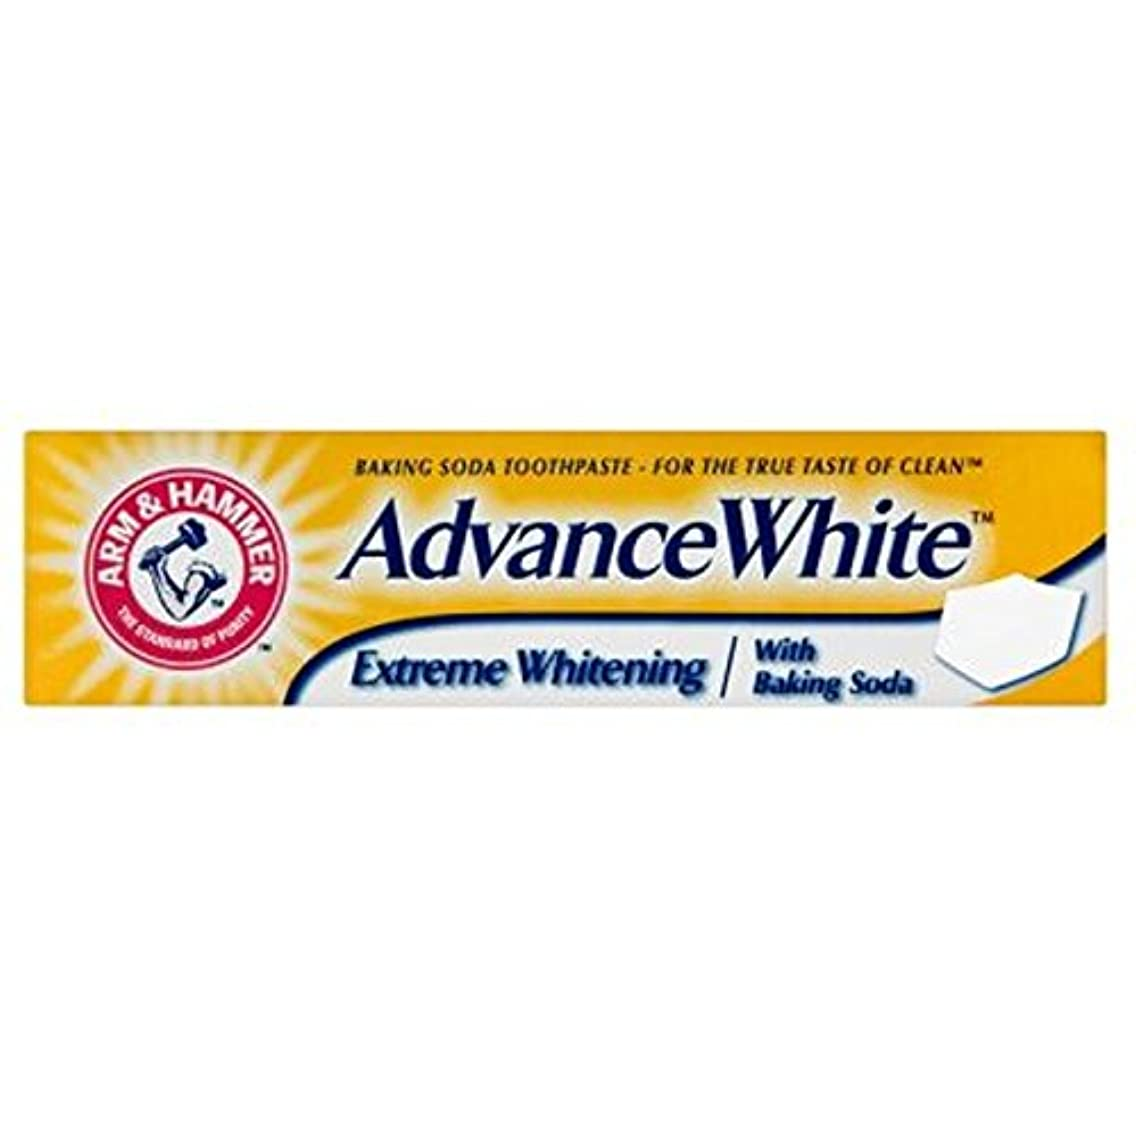 極貧ペレグリネーションとげArm & Hammer Advance White Extreme Whitening Baking Soda Toothpaste 75ml - 重曹歯磨き粉75ミリリットルをホワイトニングアーム&ハンマー事前白極端...